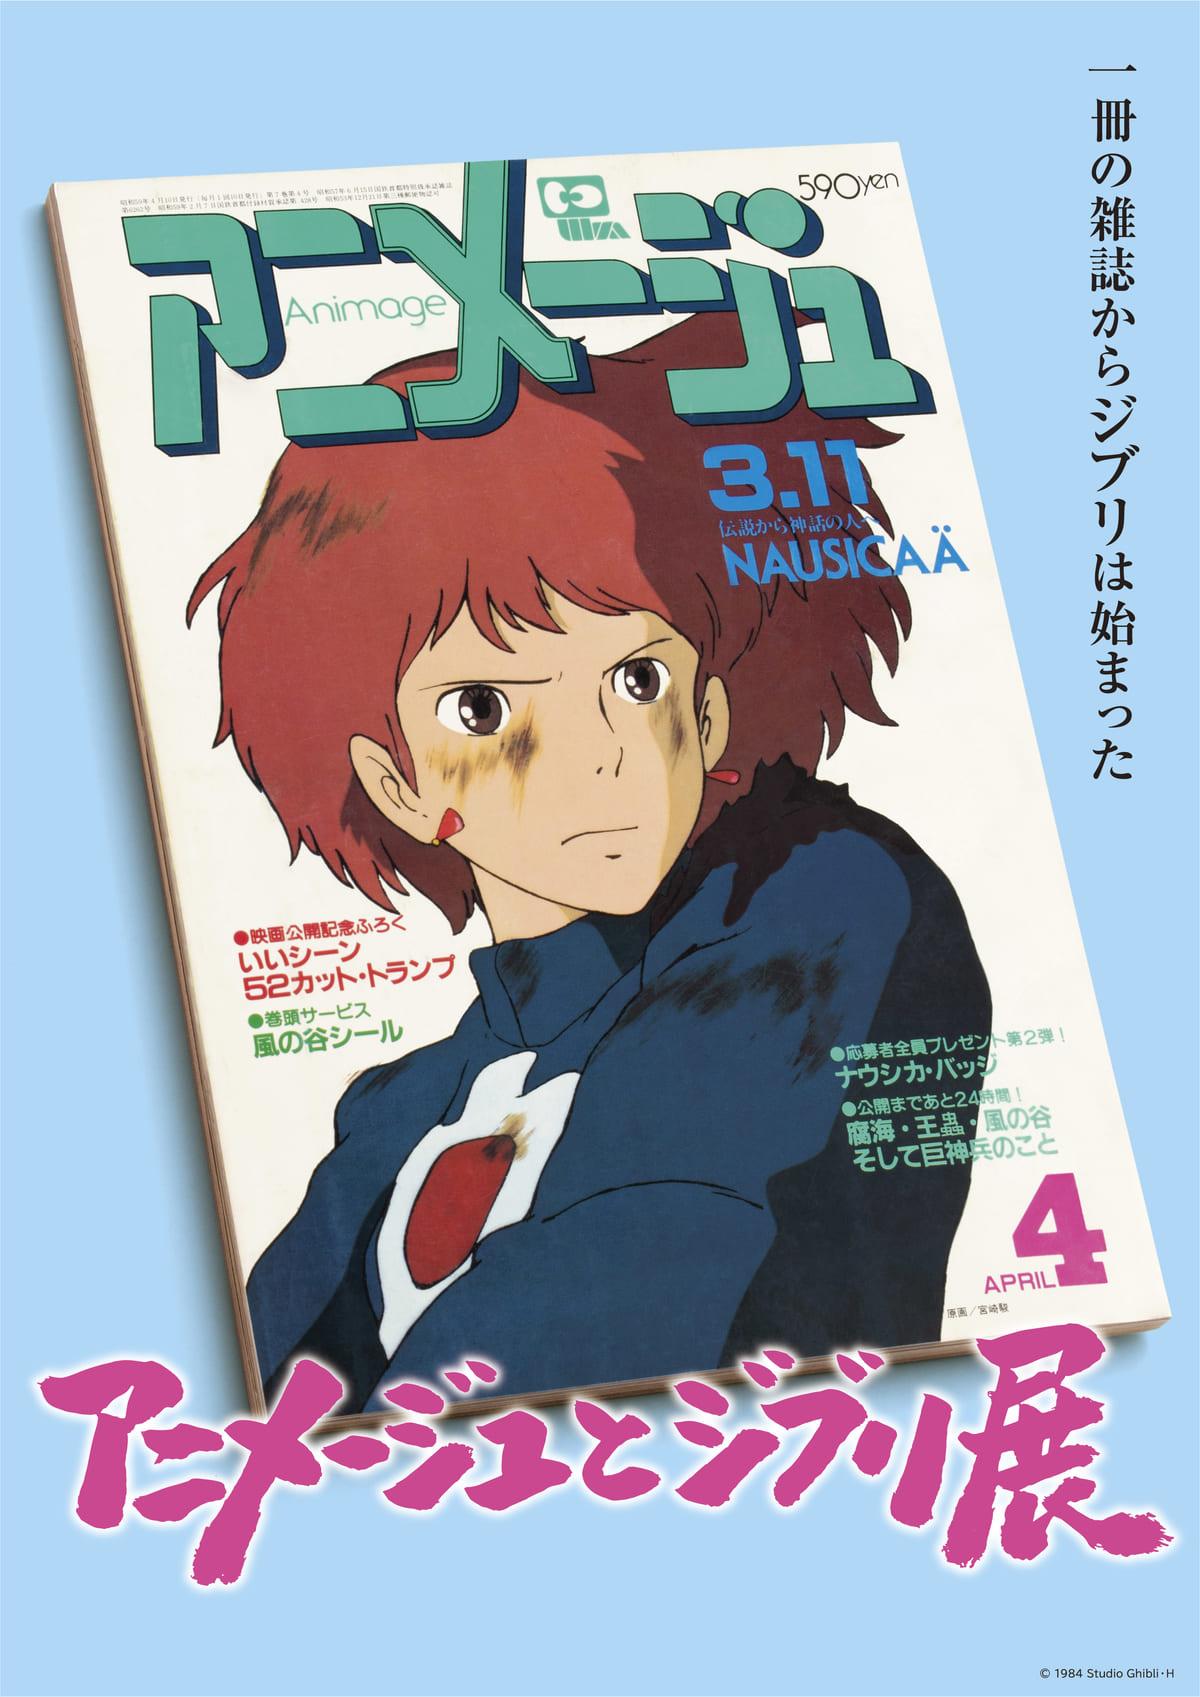 「アニメージュとジブリ展」それは、一冊の雑誌から始まった